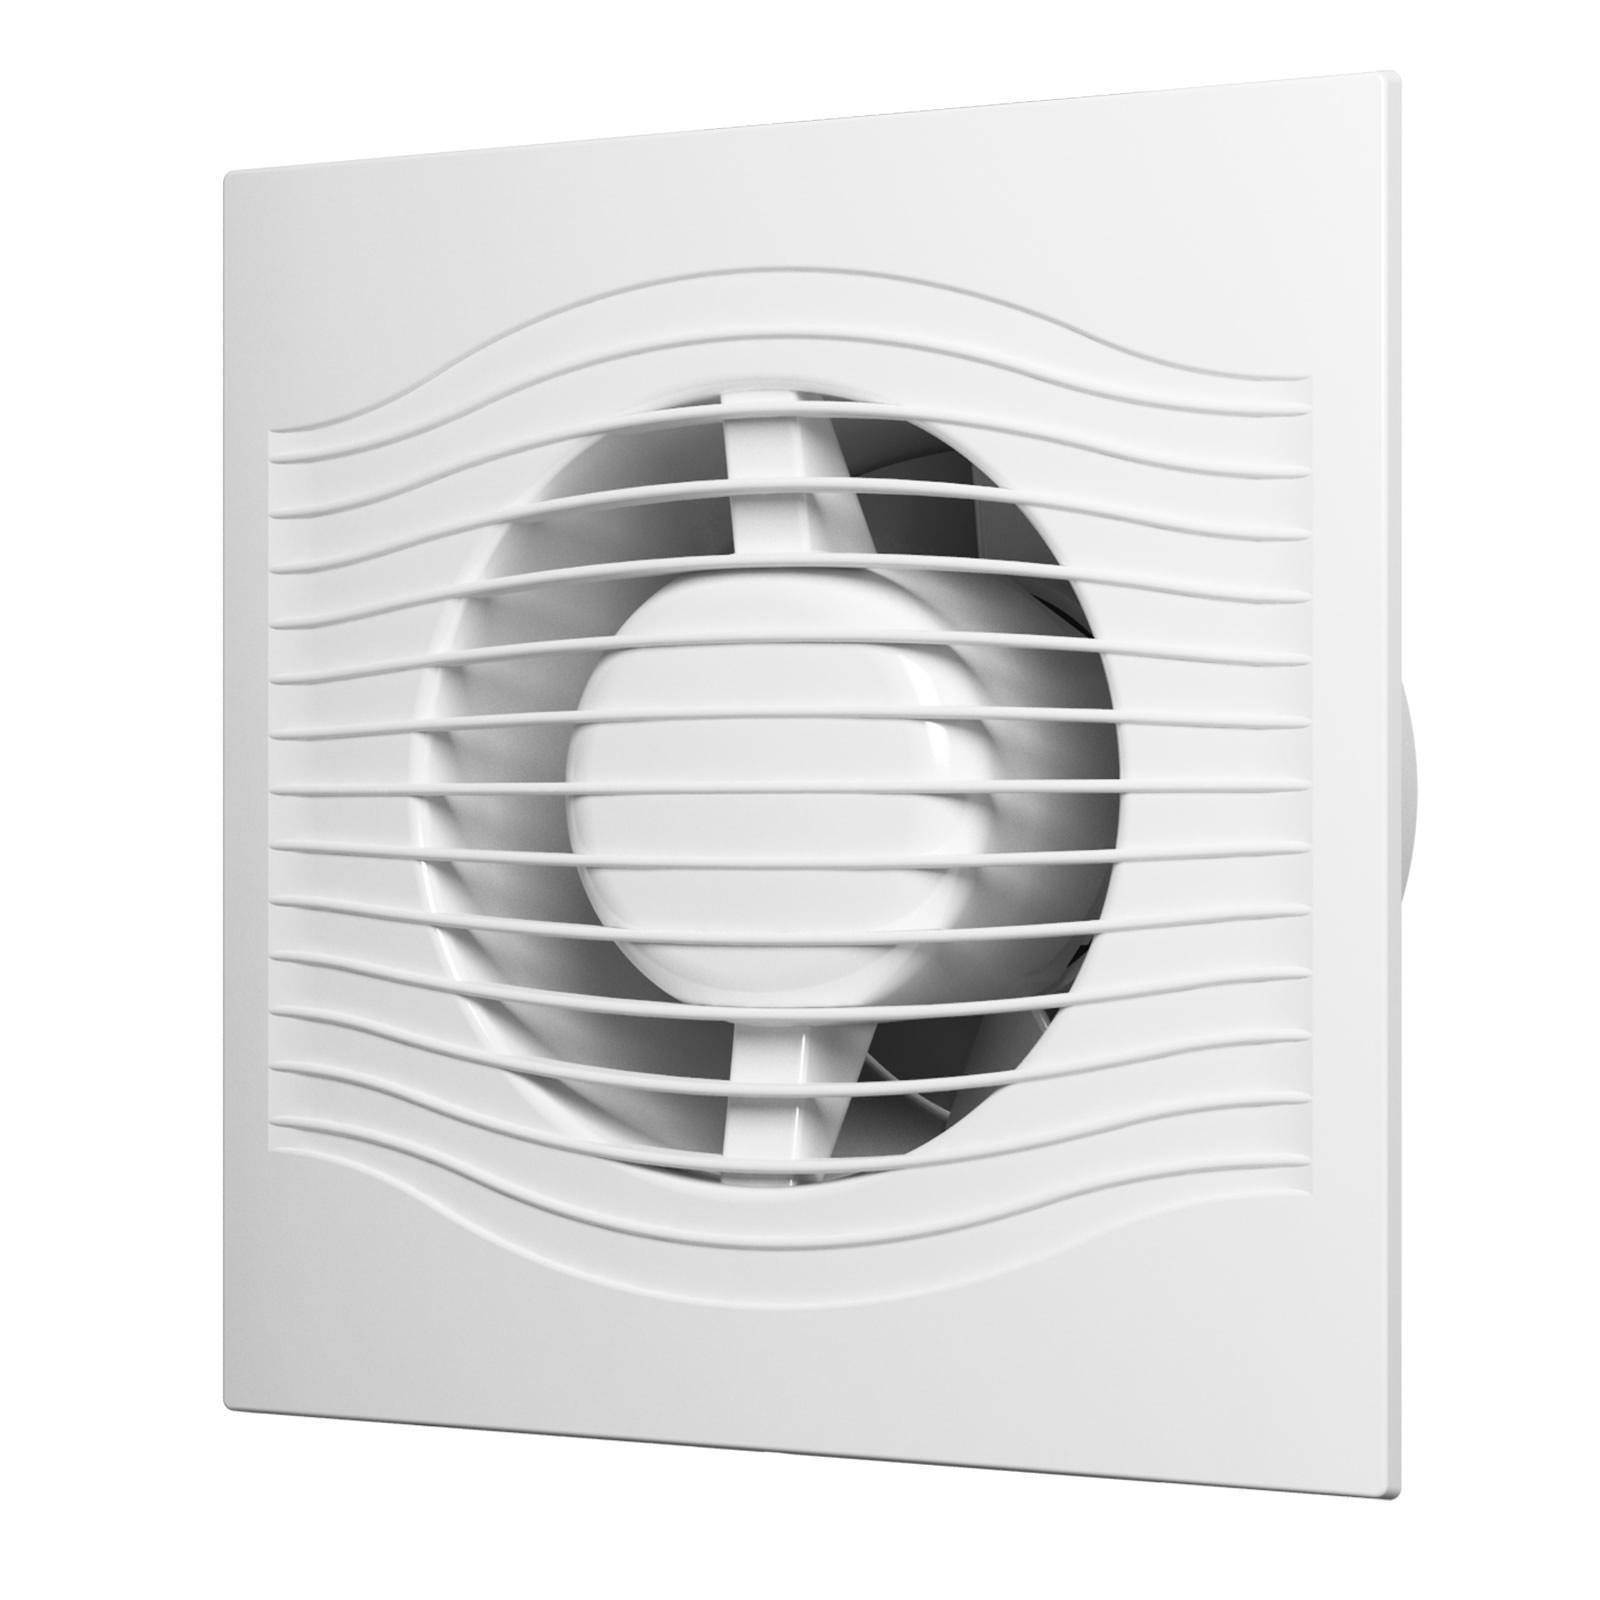 Вентилятор Diciti Slim 4c mr-02